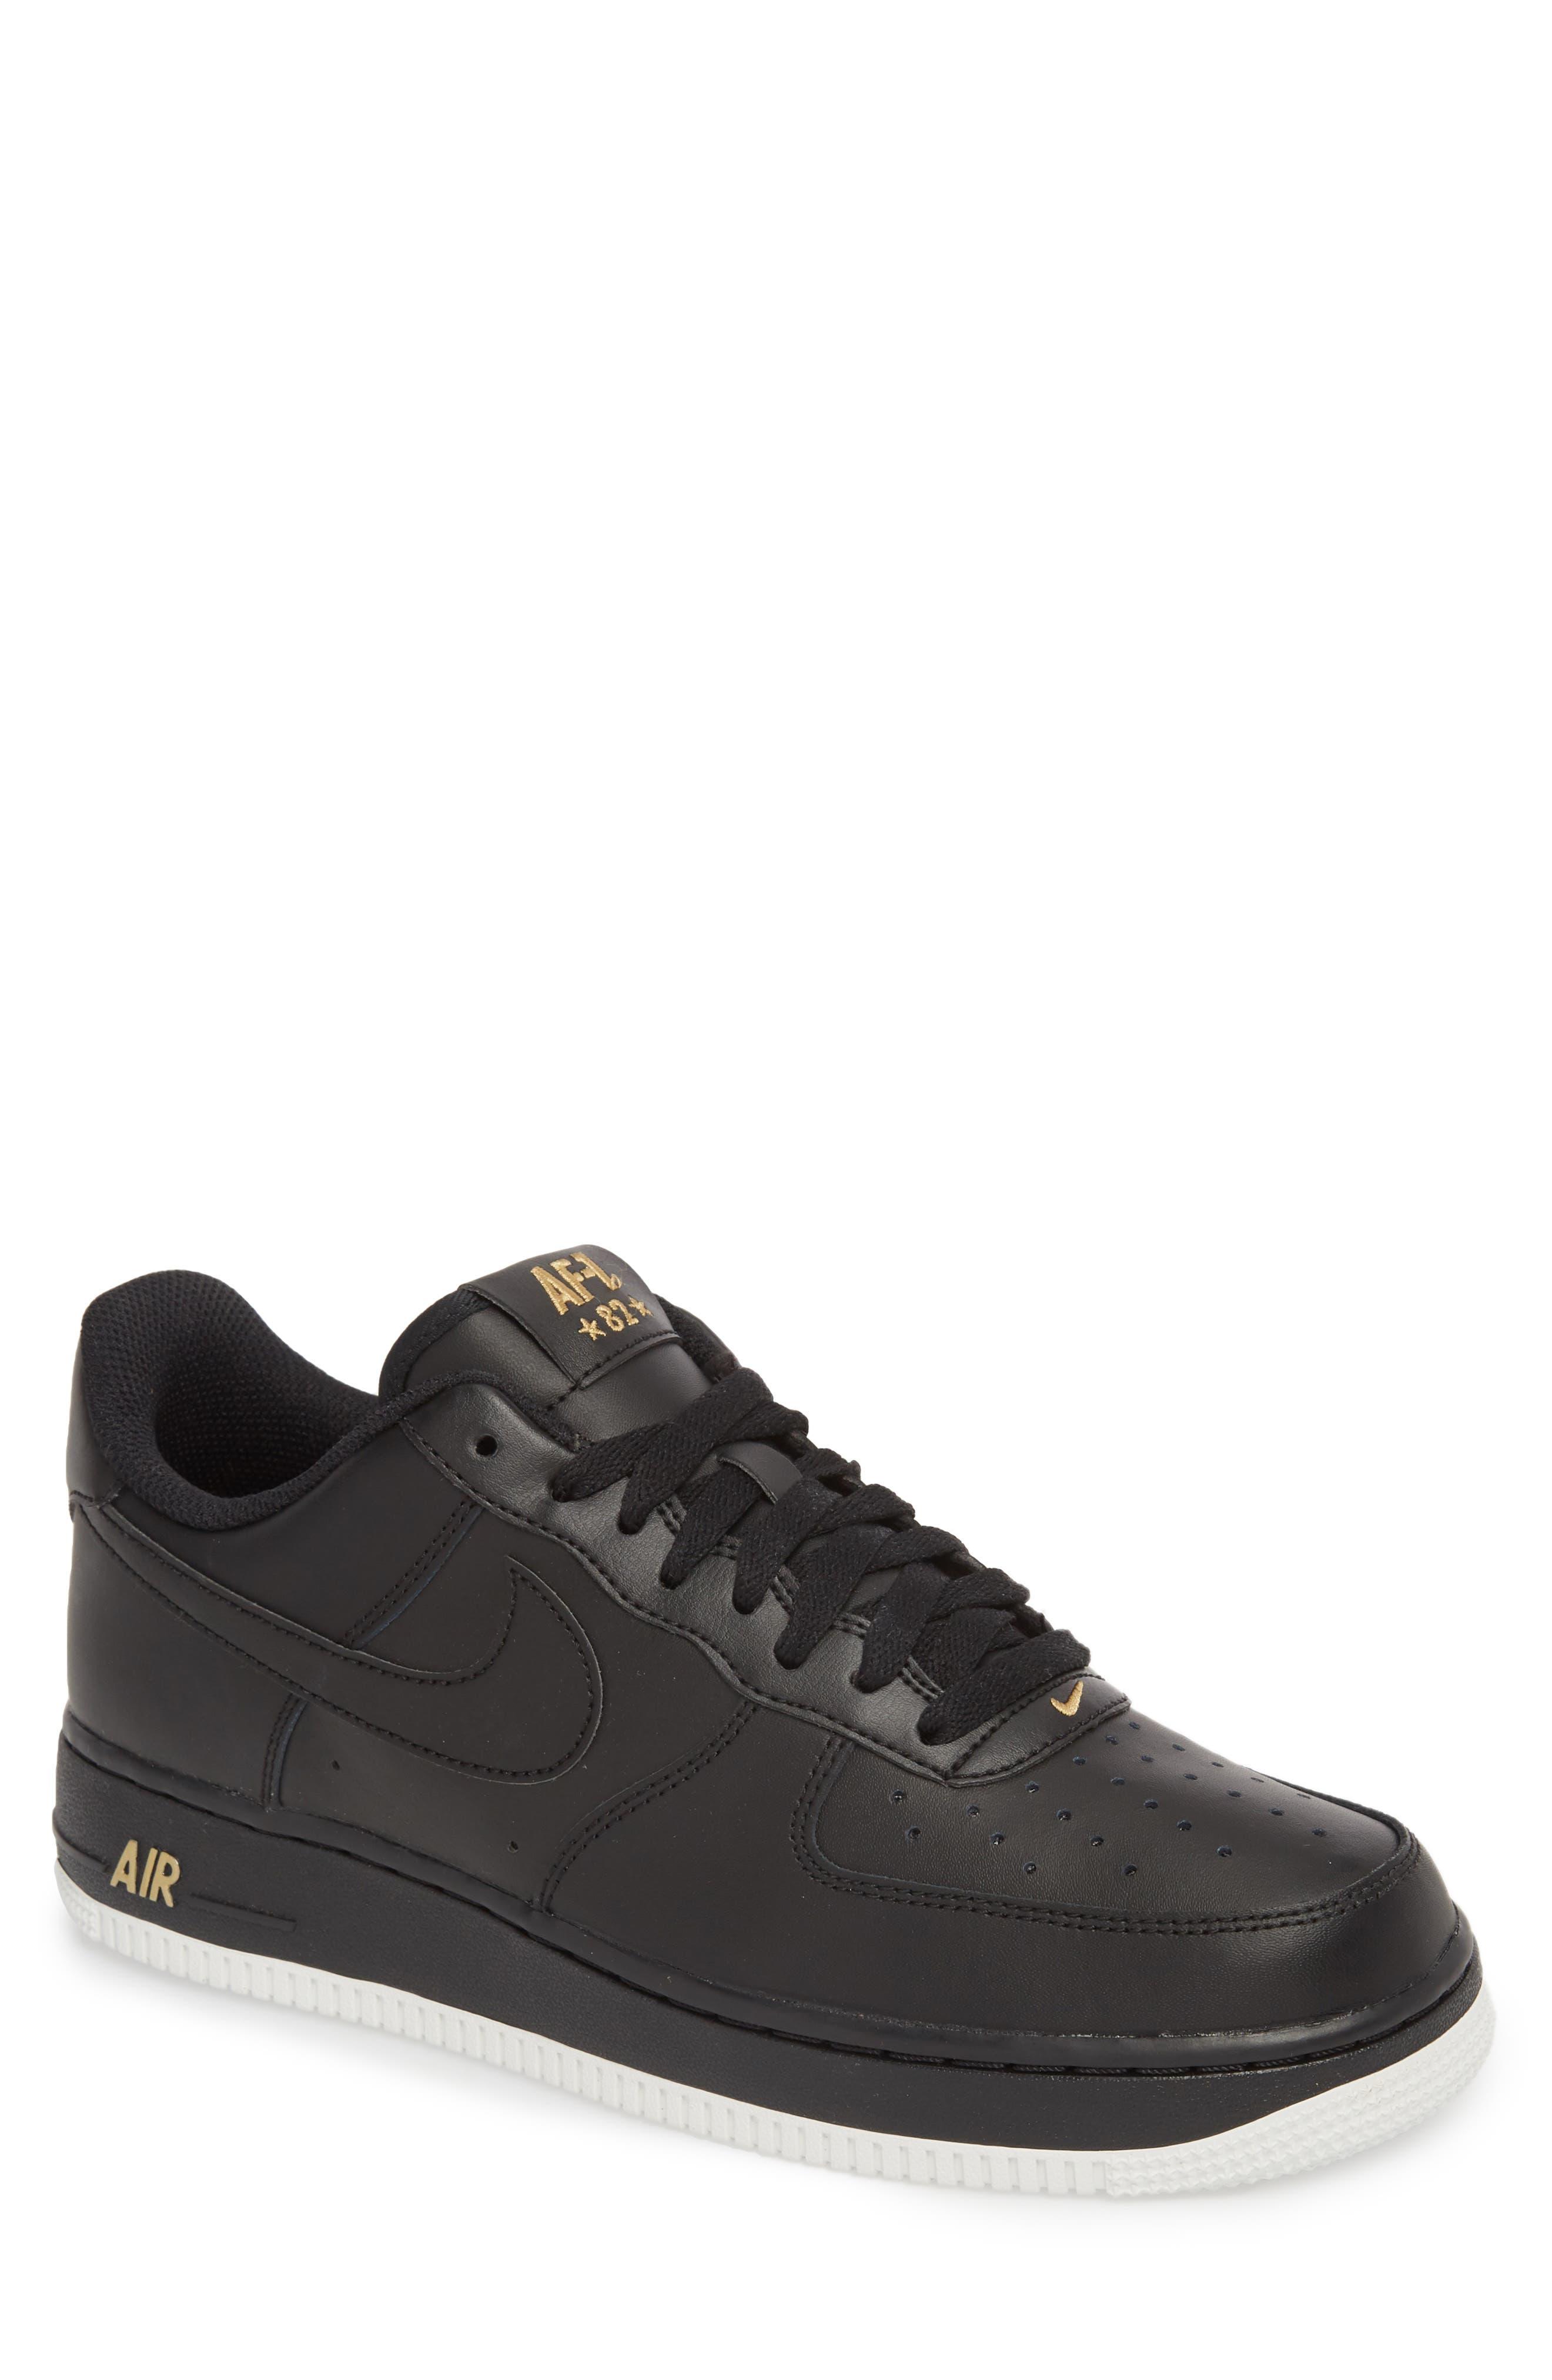 Air Force 1 07 Sneaker,                         Main,                         color, 014